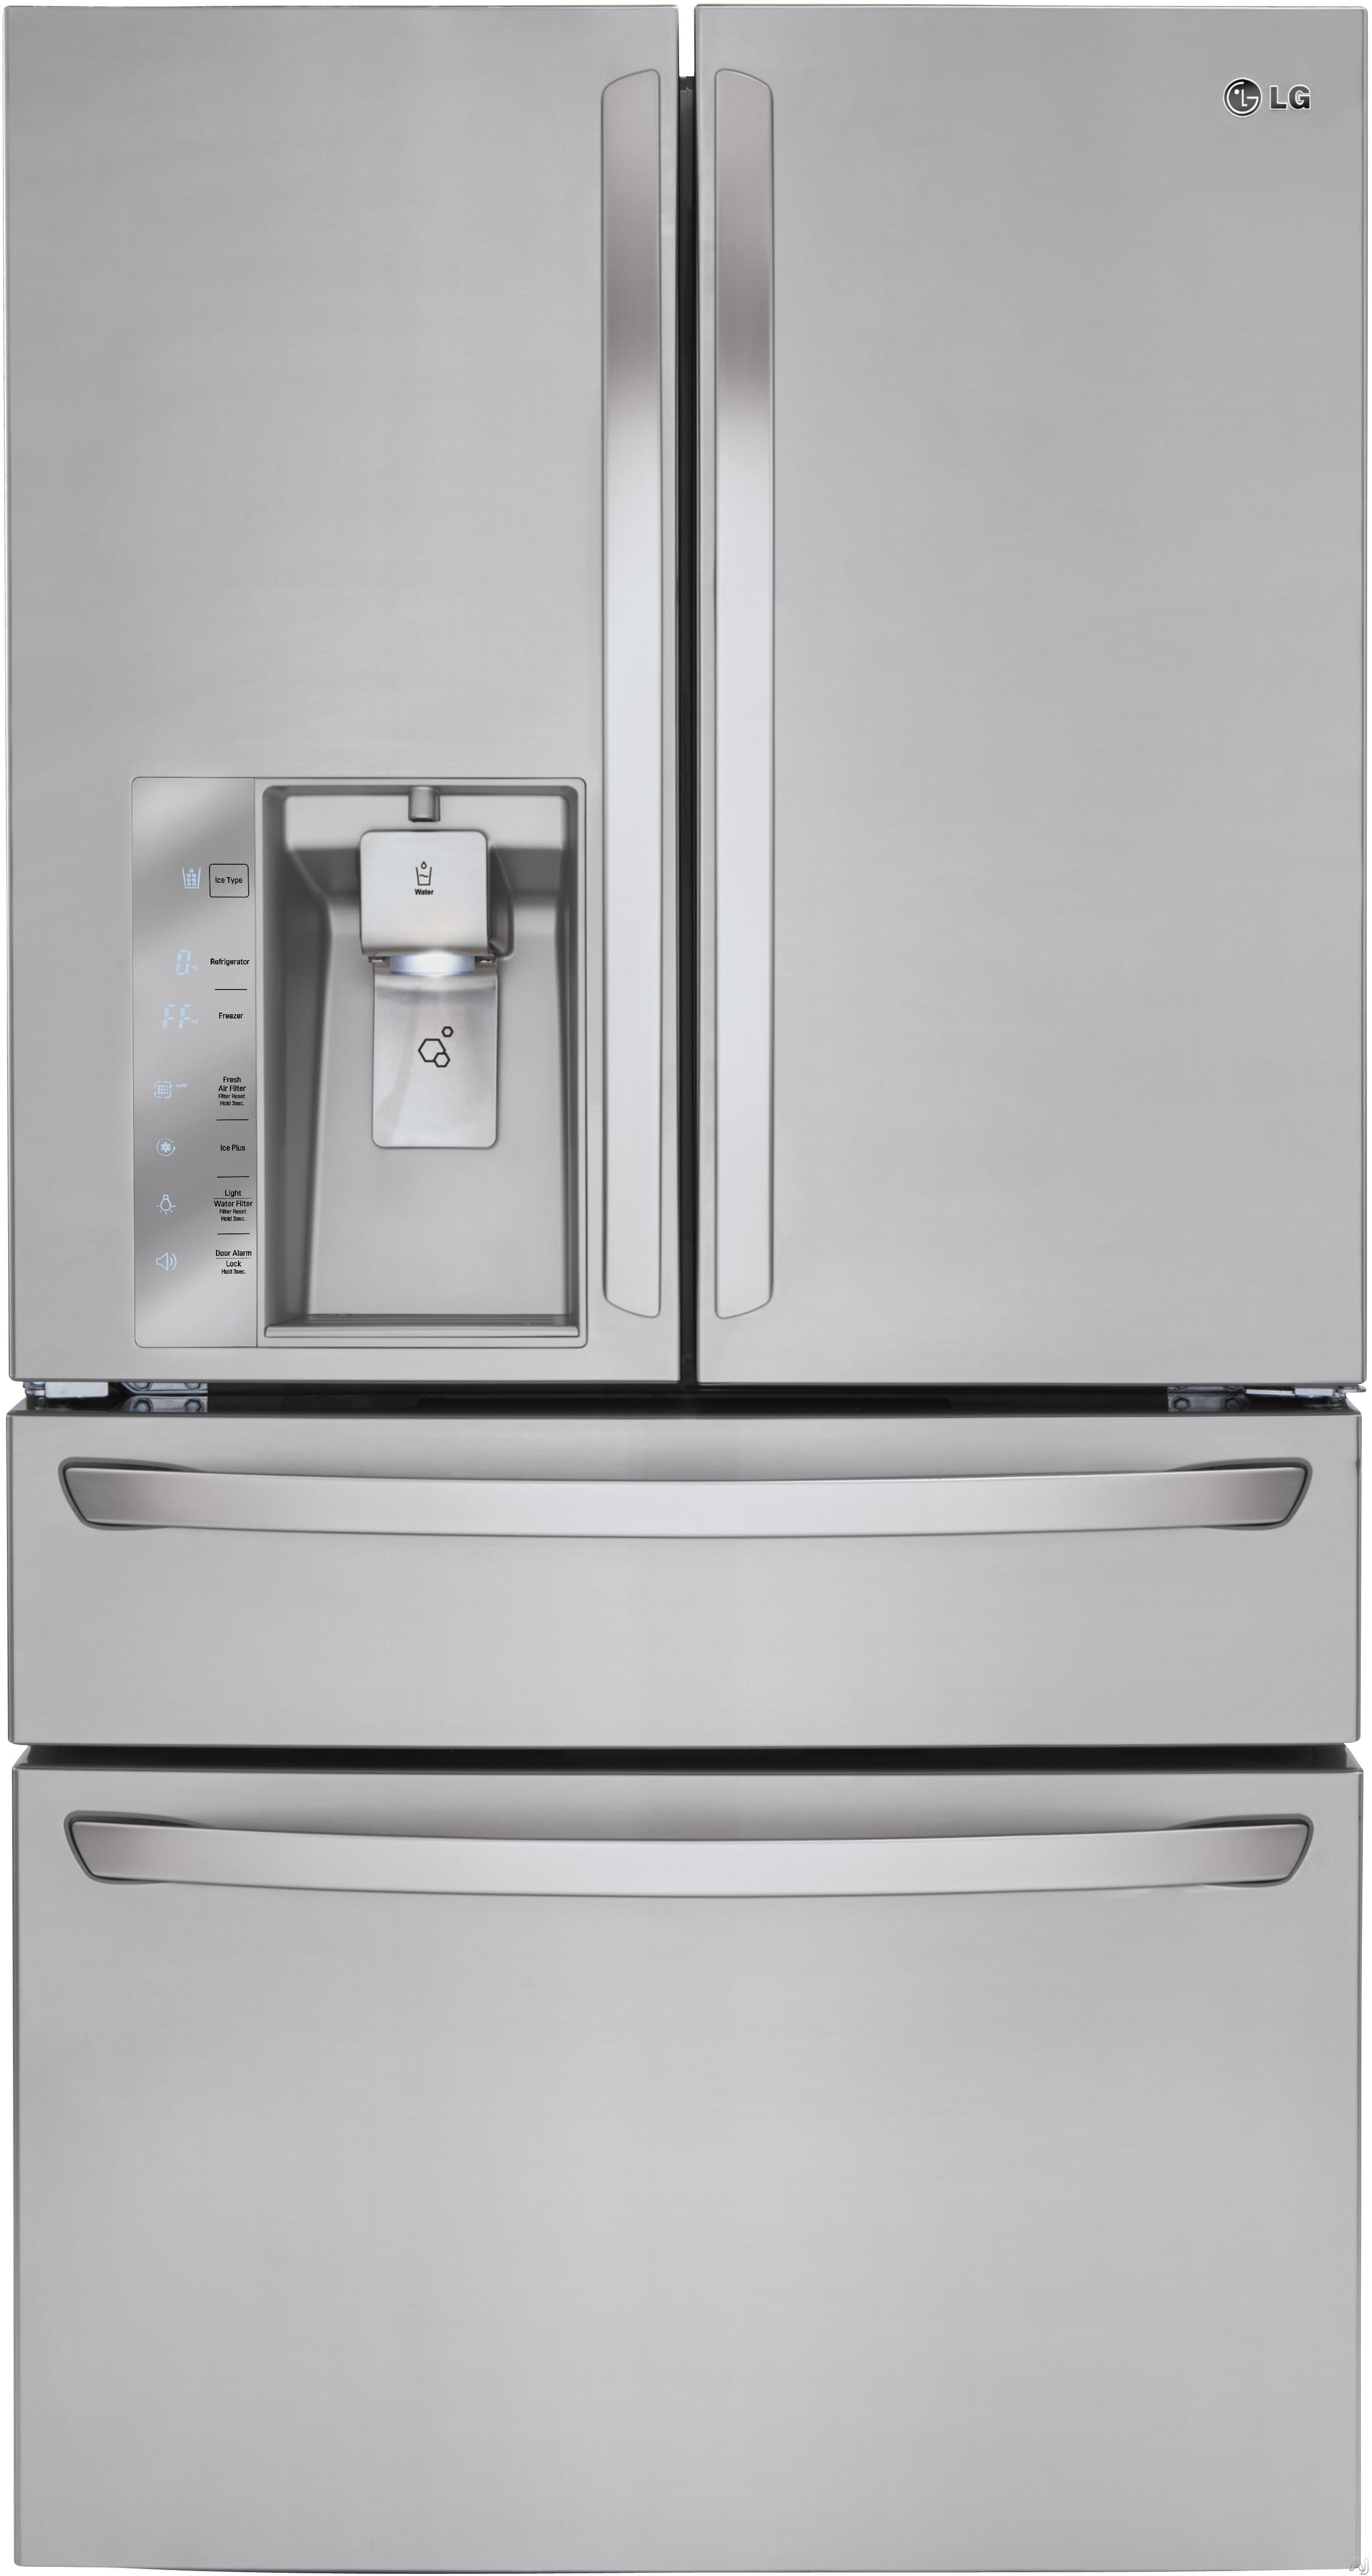 LG - 29.9 Cu. Ft. 4-Door French Door Refrigerator with Thru-the-Door Ice and Water - Stainless steel LMXS30746S